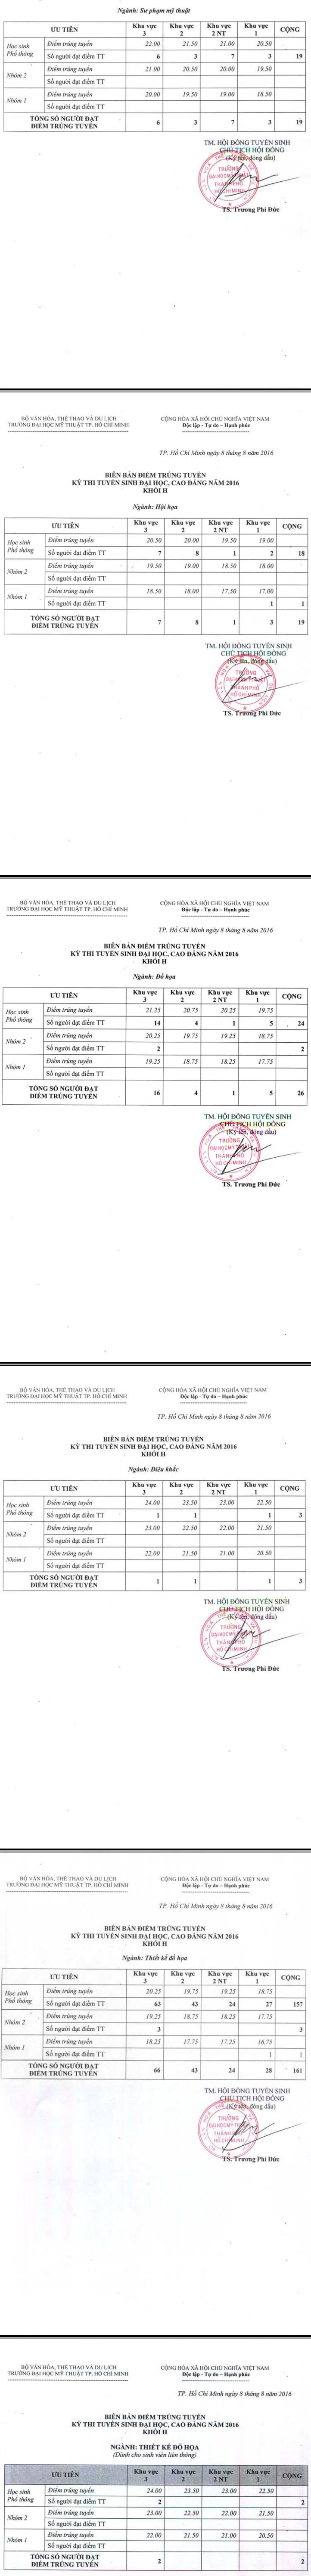 Diem chuan Dai hoc My thuat TPHCM 2016